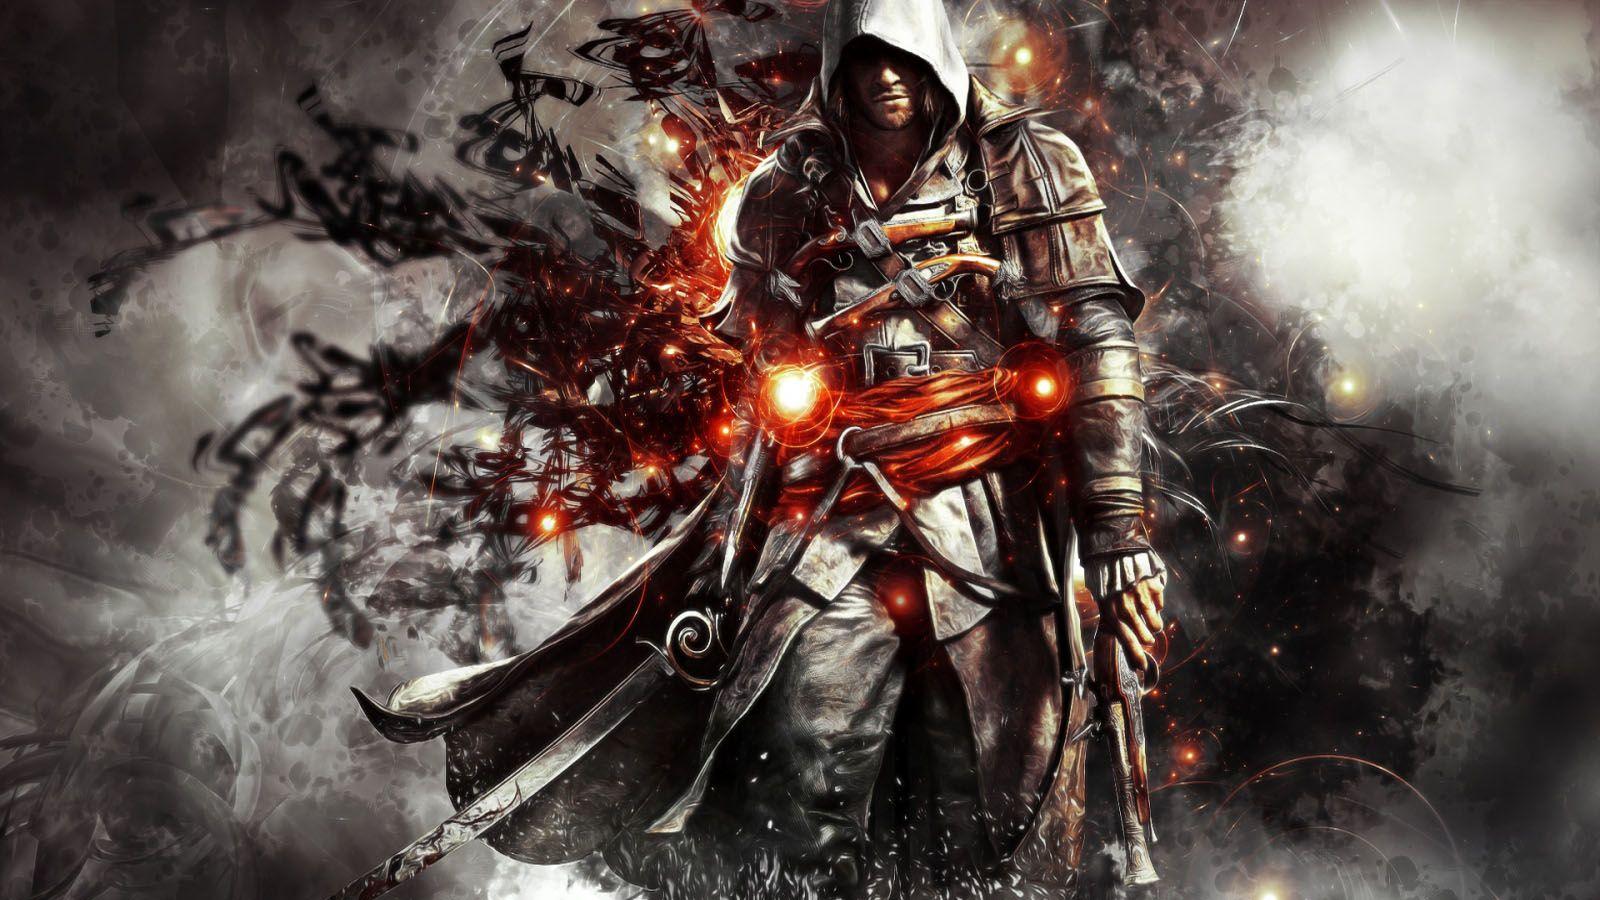 Assasins Creed 4 Hd Wallpaper Assassine